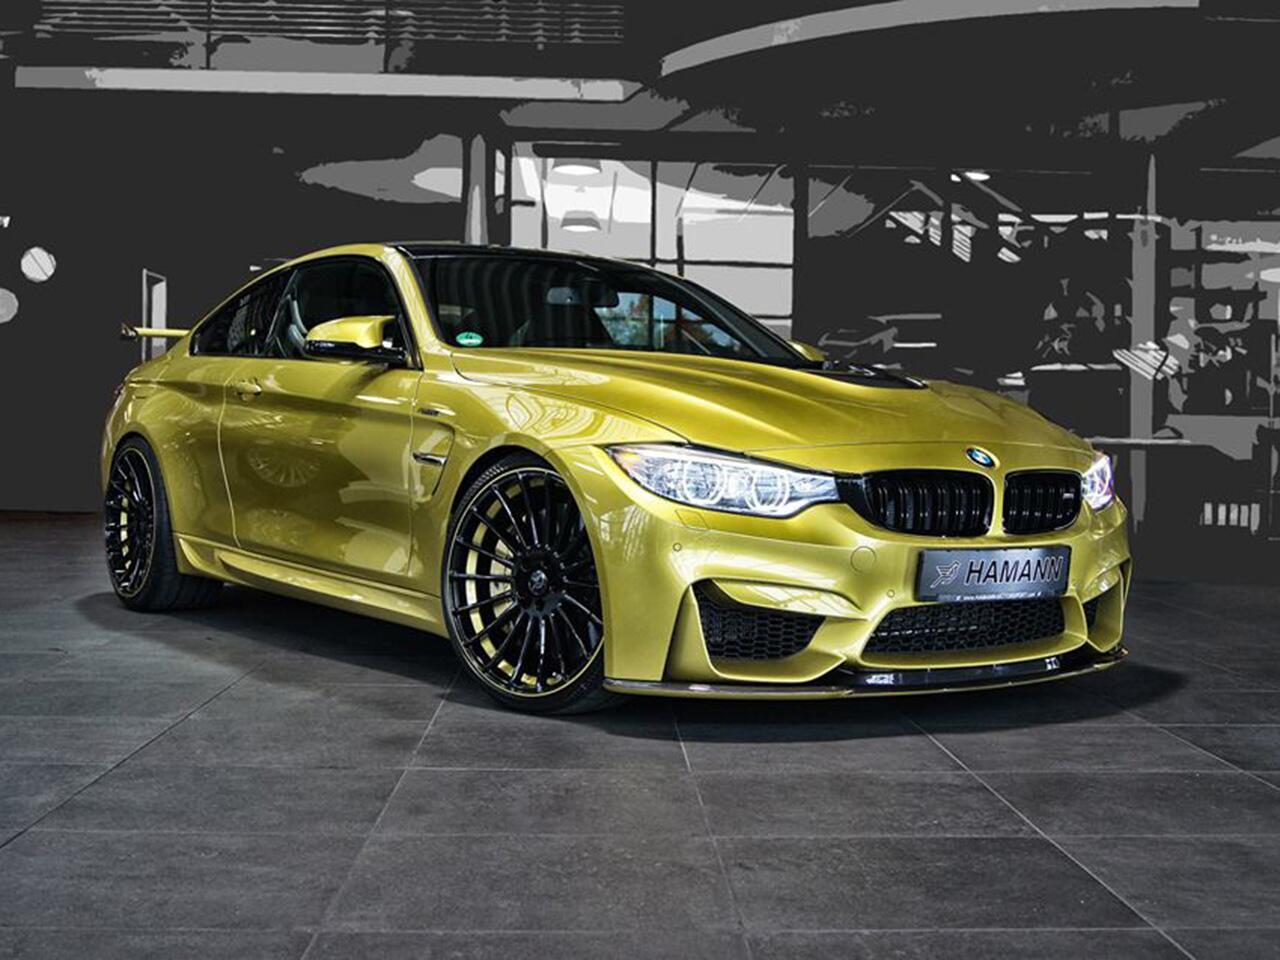 Bild zu Goldige Aussichten: BMW M4 glänzt nach Aerodynamik-Tuning